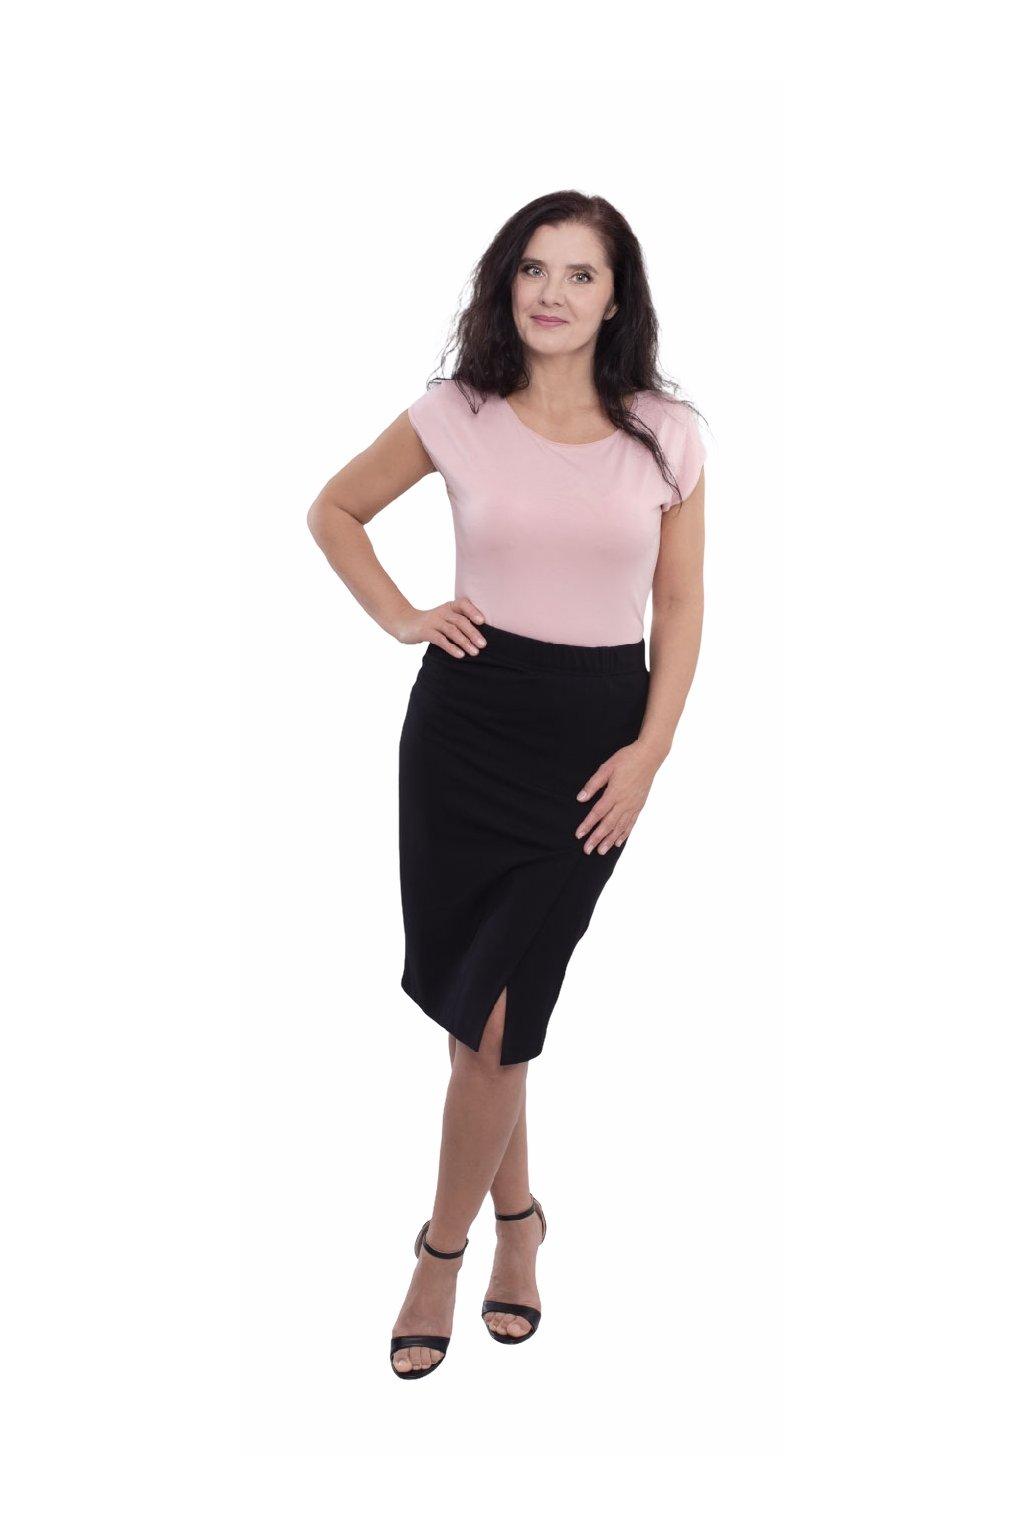 Dámská sukně, 105137 29, černá